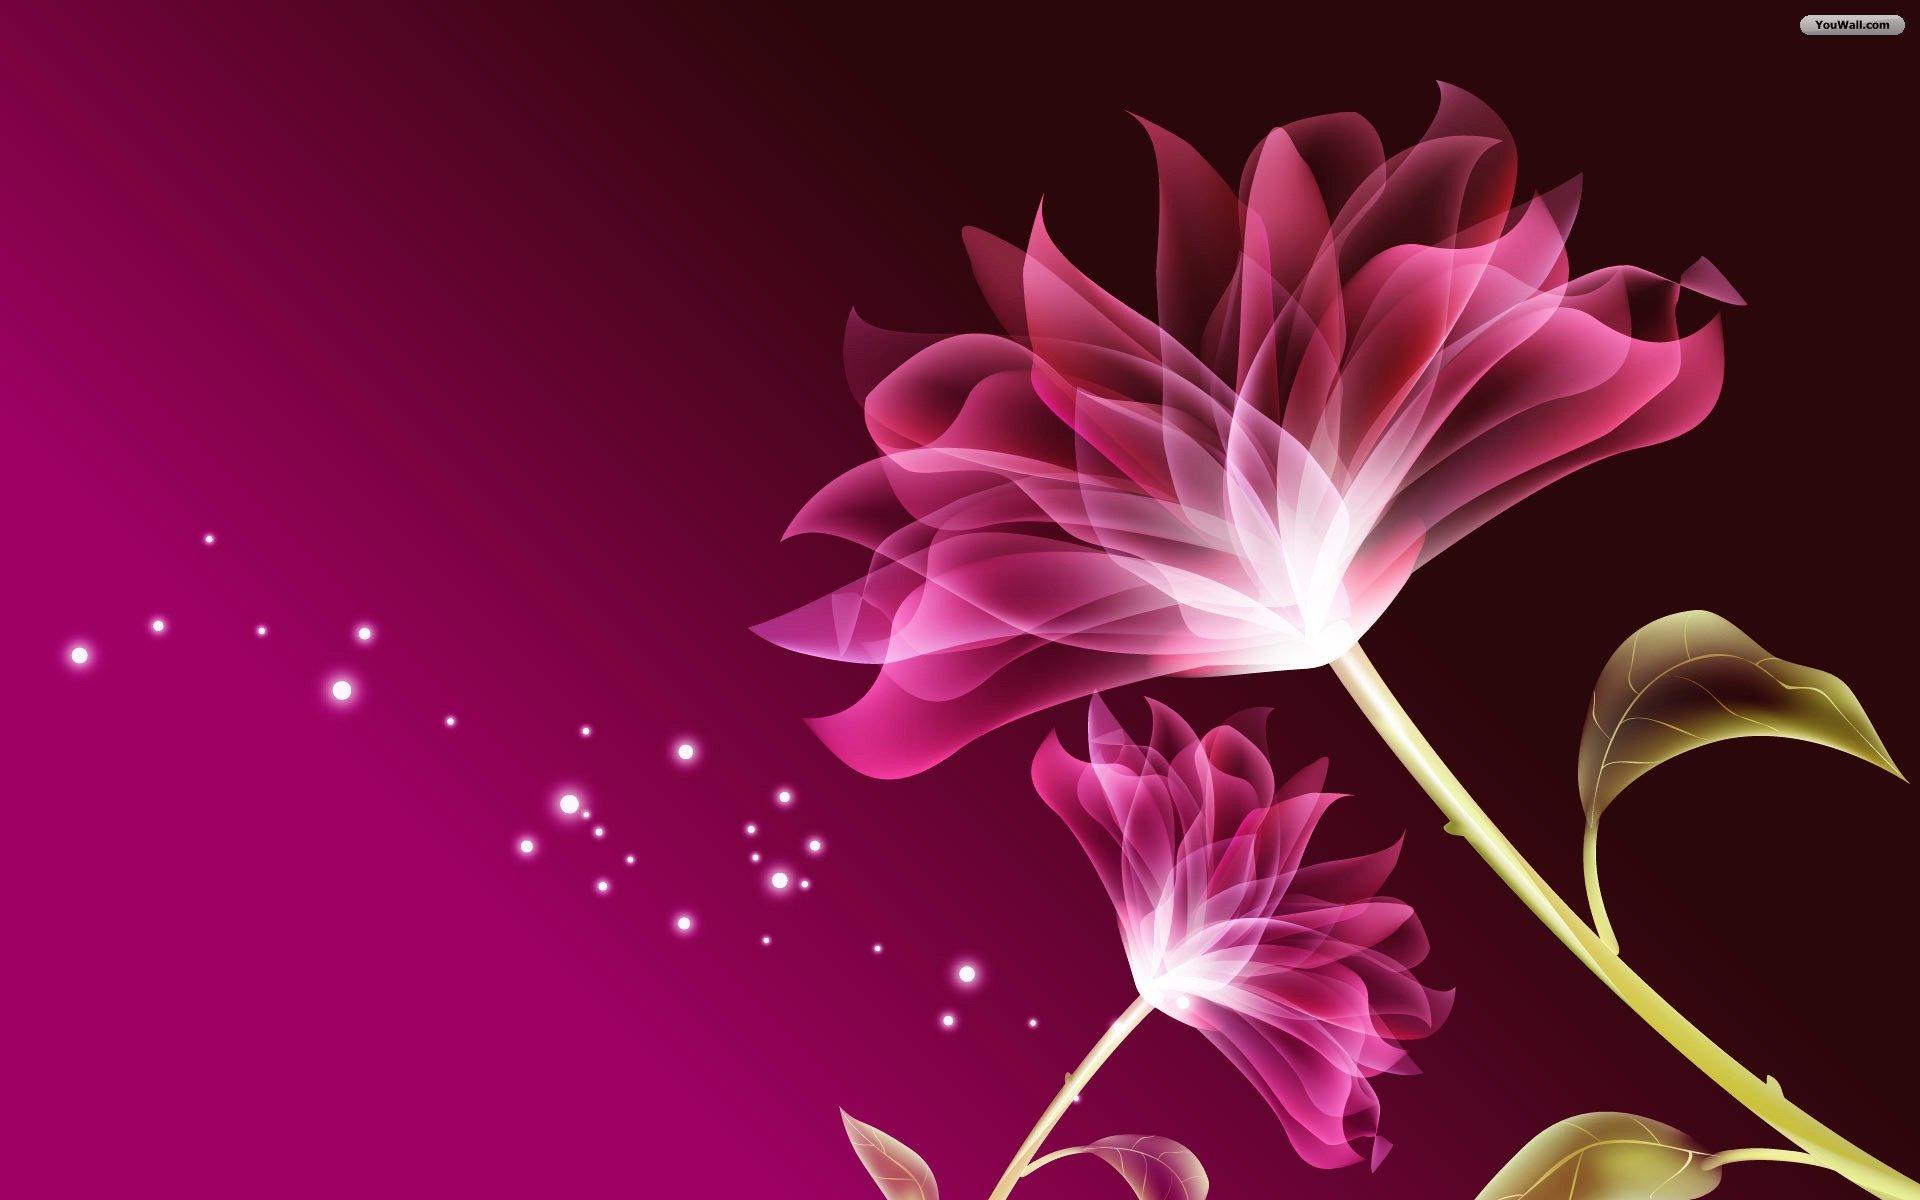 цветок сиреневый абстракция  № 3288329 загрузить